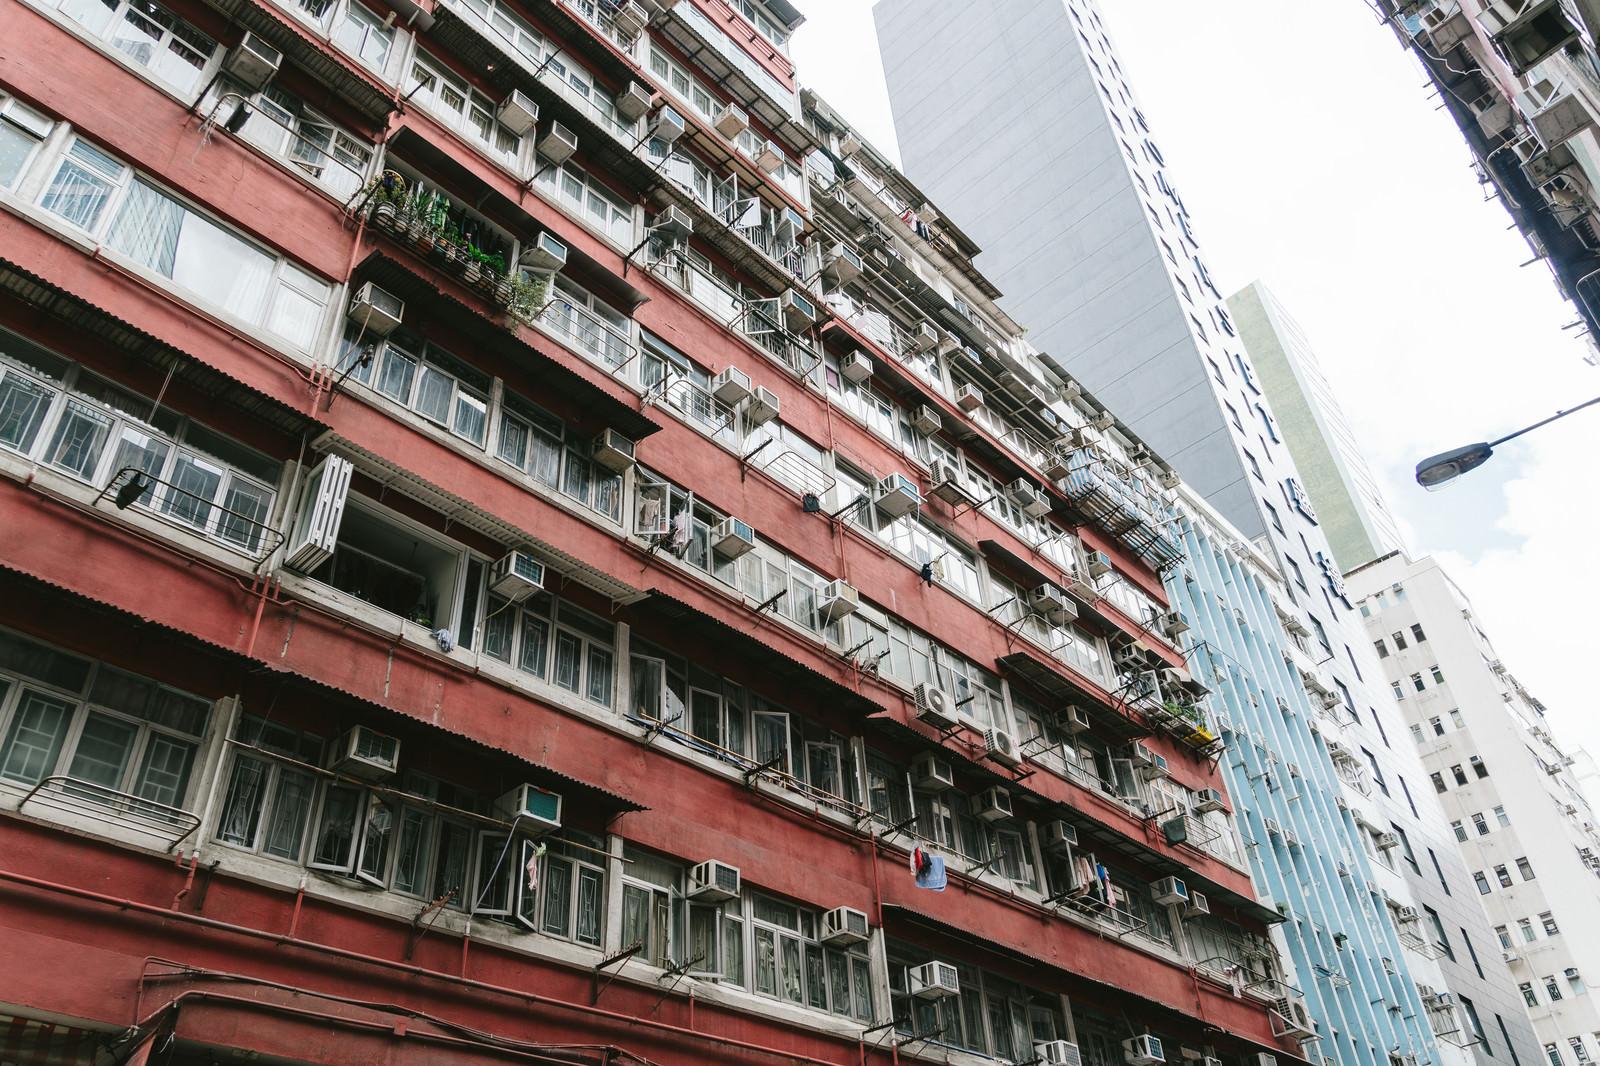 「香港の団地マンションと都会のビル | 写真の無料素材・フリー素材 - ぱくたそ」の写真